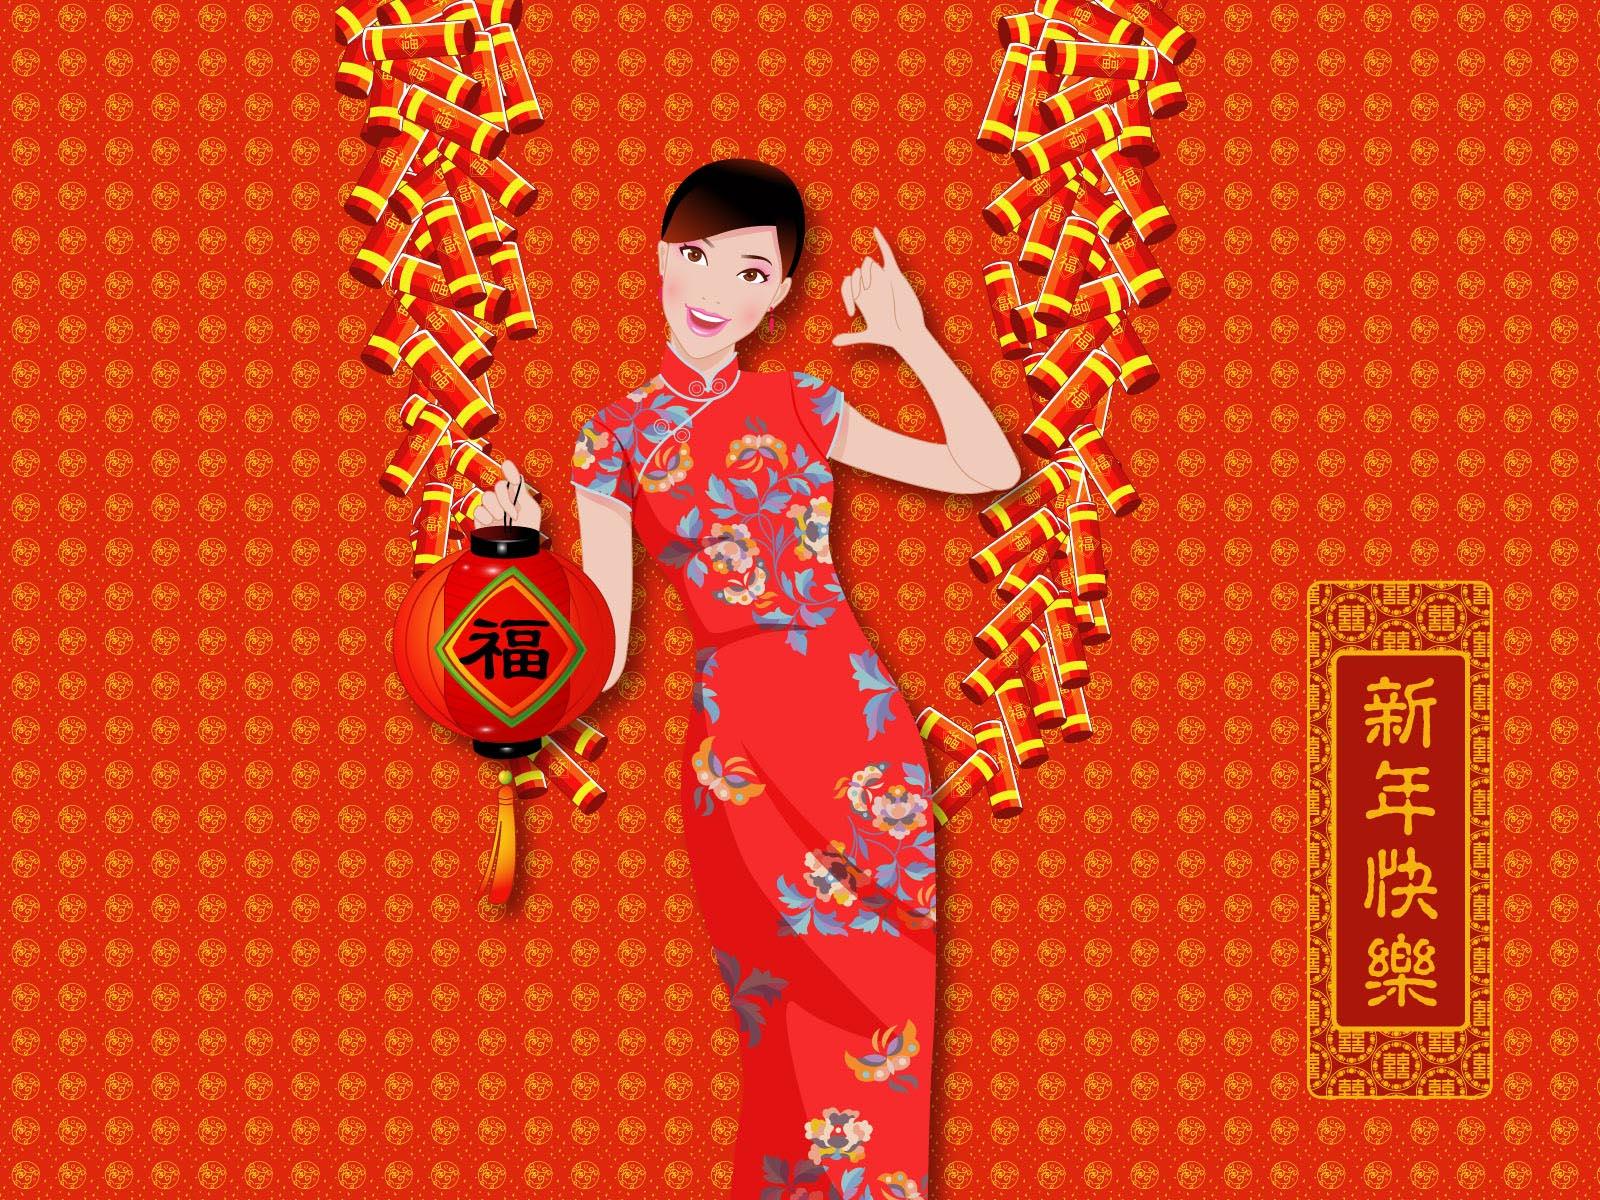 中國喜慶音樂 - 中國喜慶音樂之五 恭喜發財歌 專輯 - KKBOX_插圖